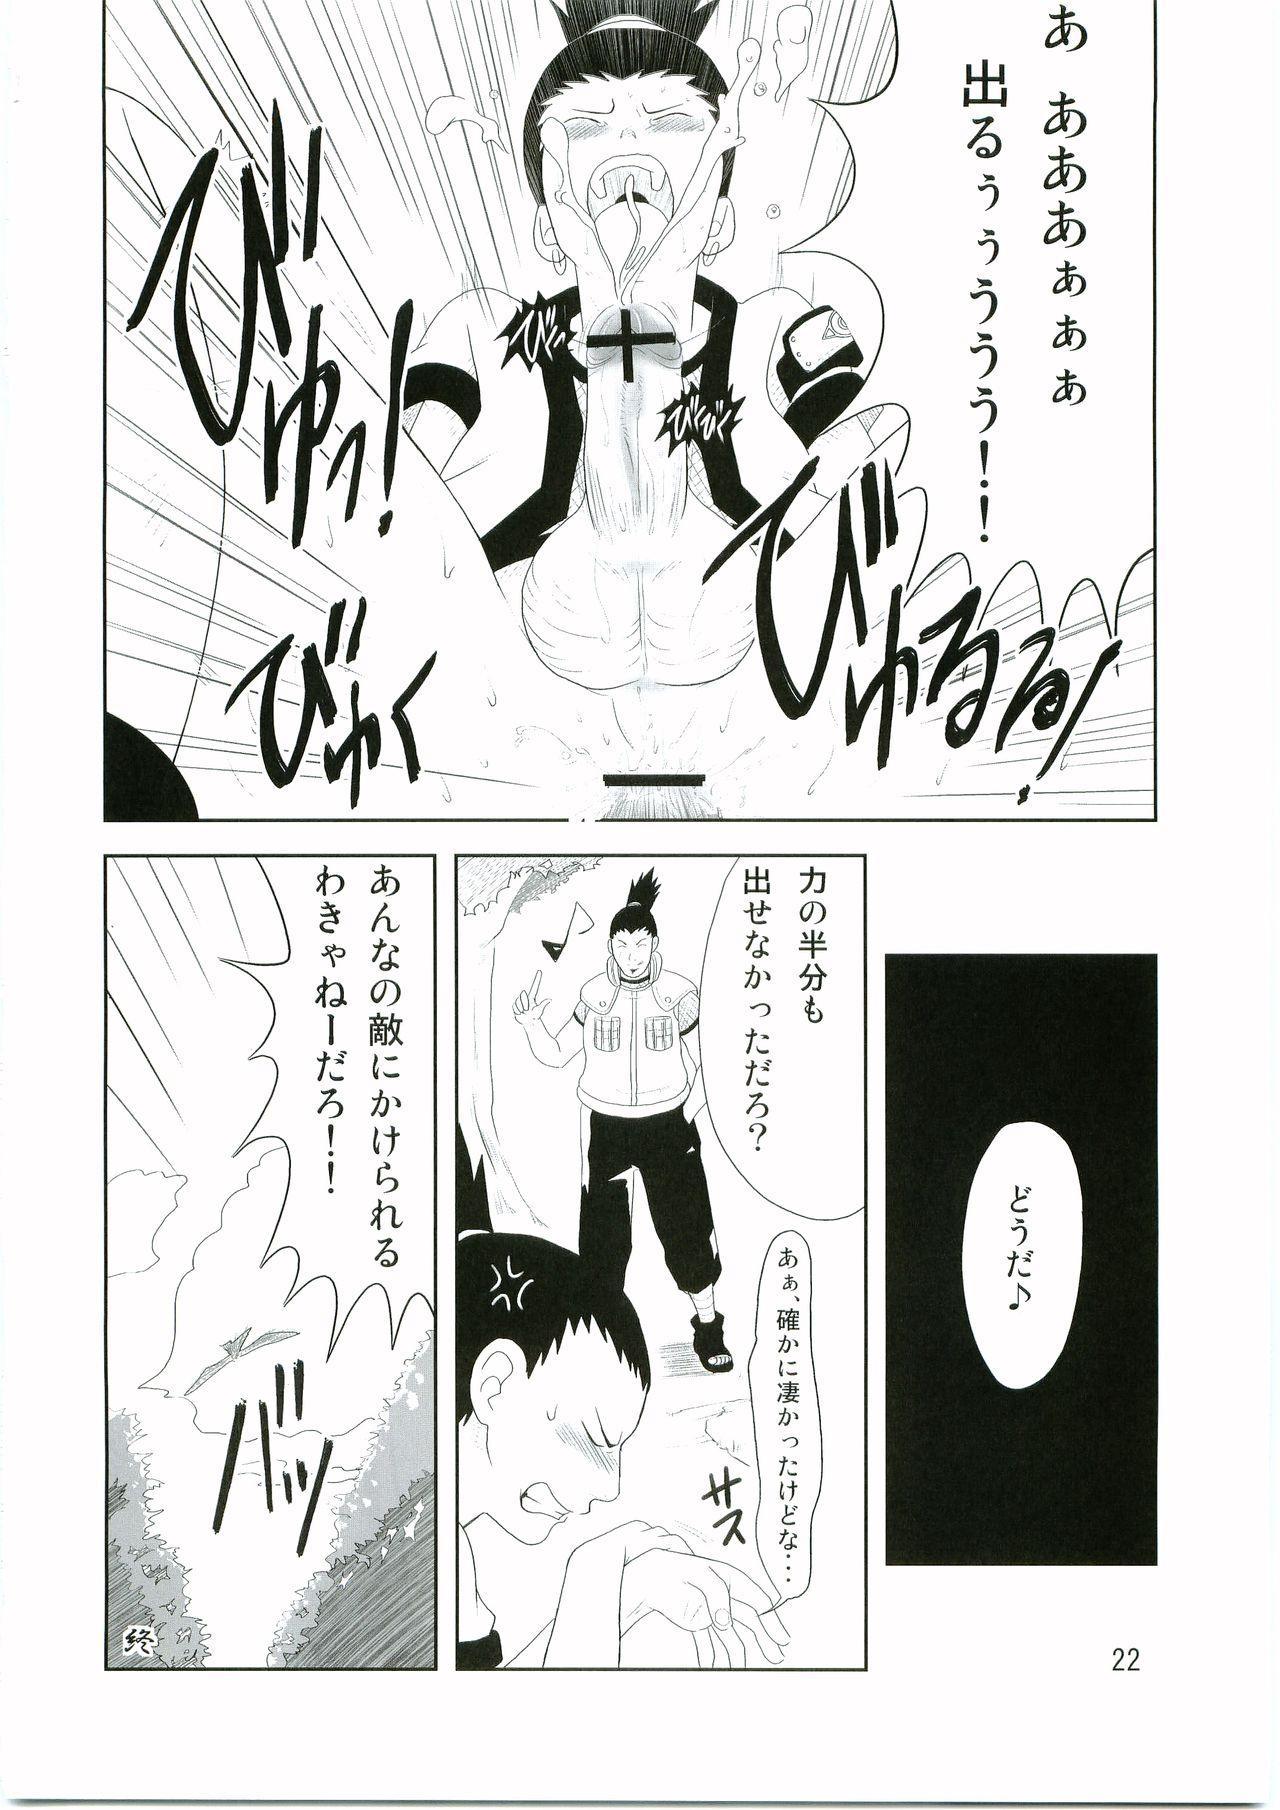 Shinobi no Kokoroe 22